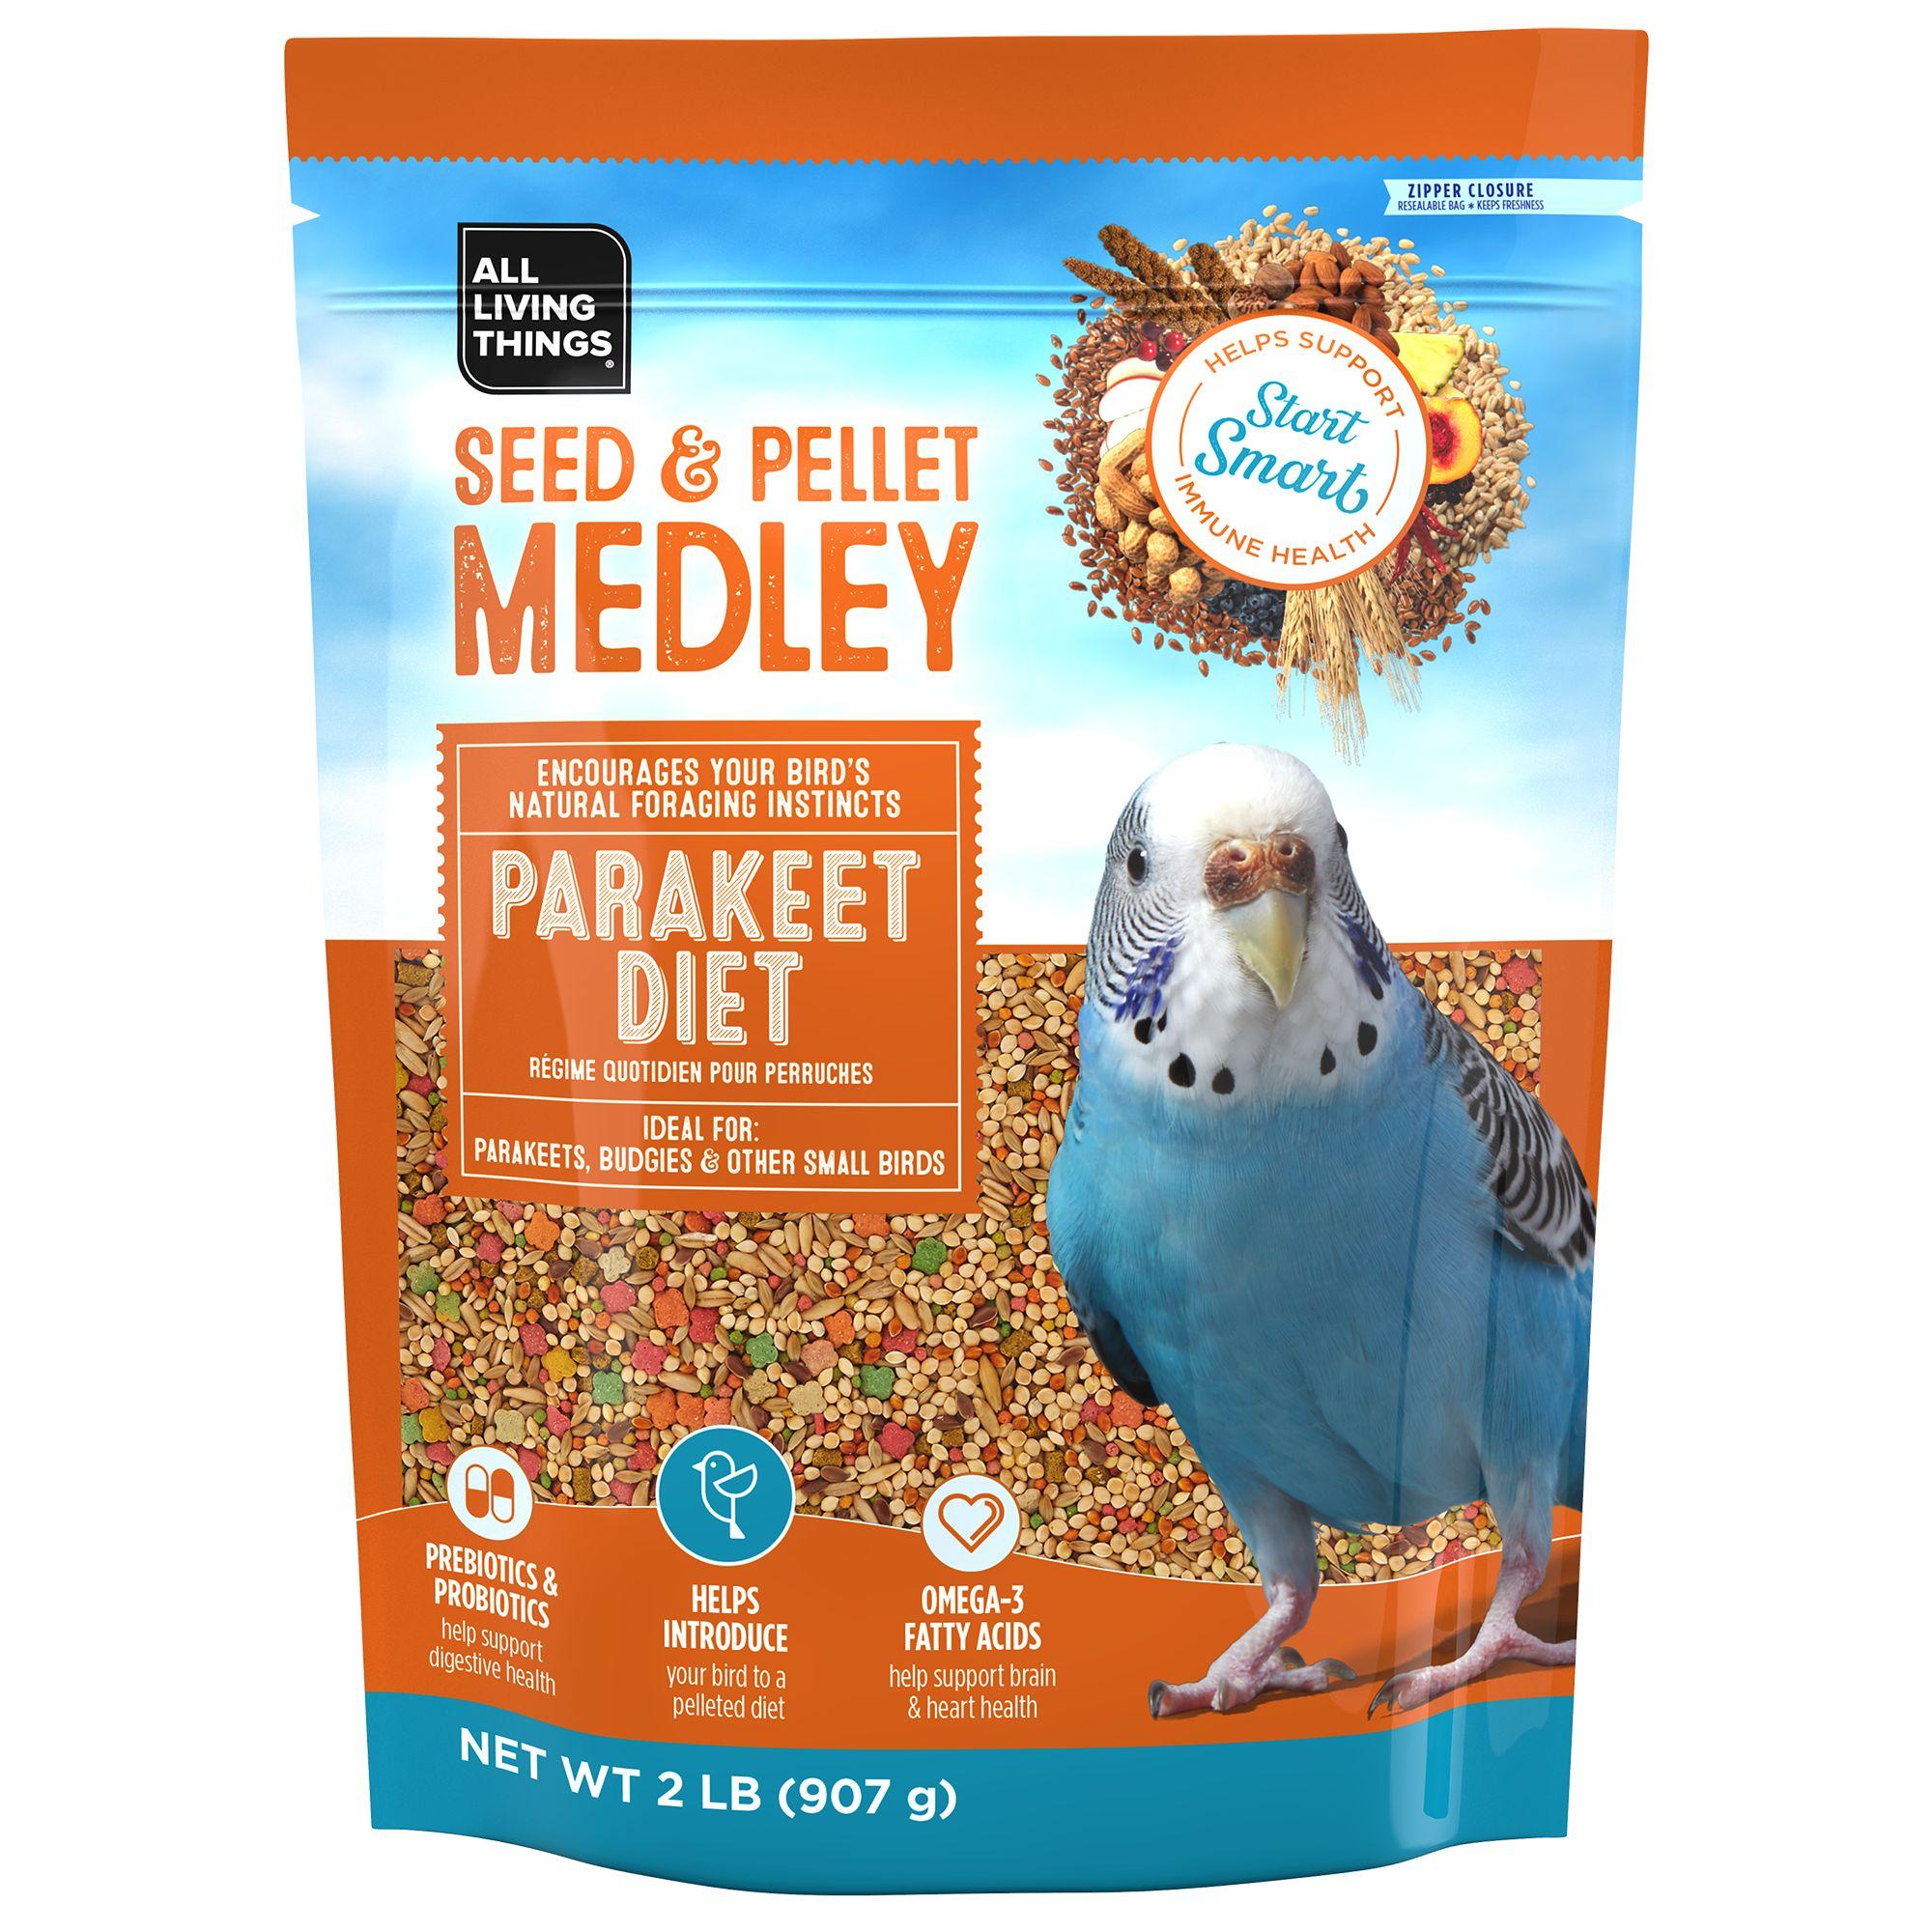 All Living Things® Seed & Pellet Medley Parakeet Diet